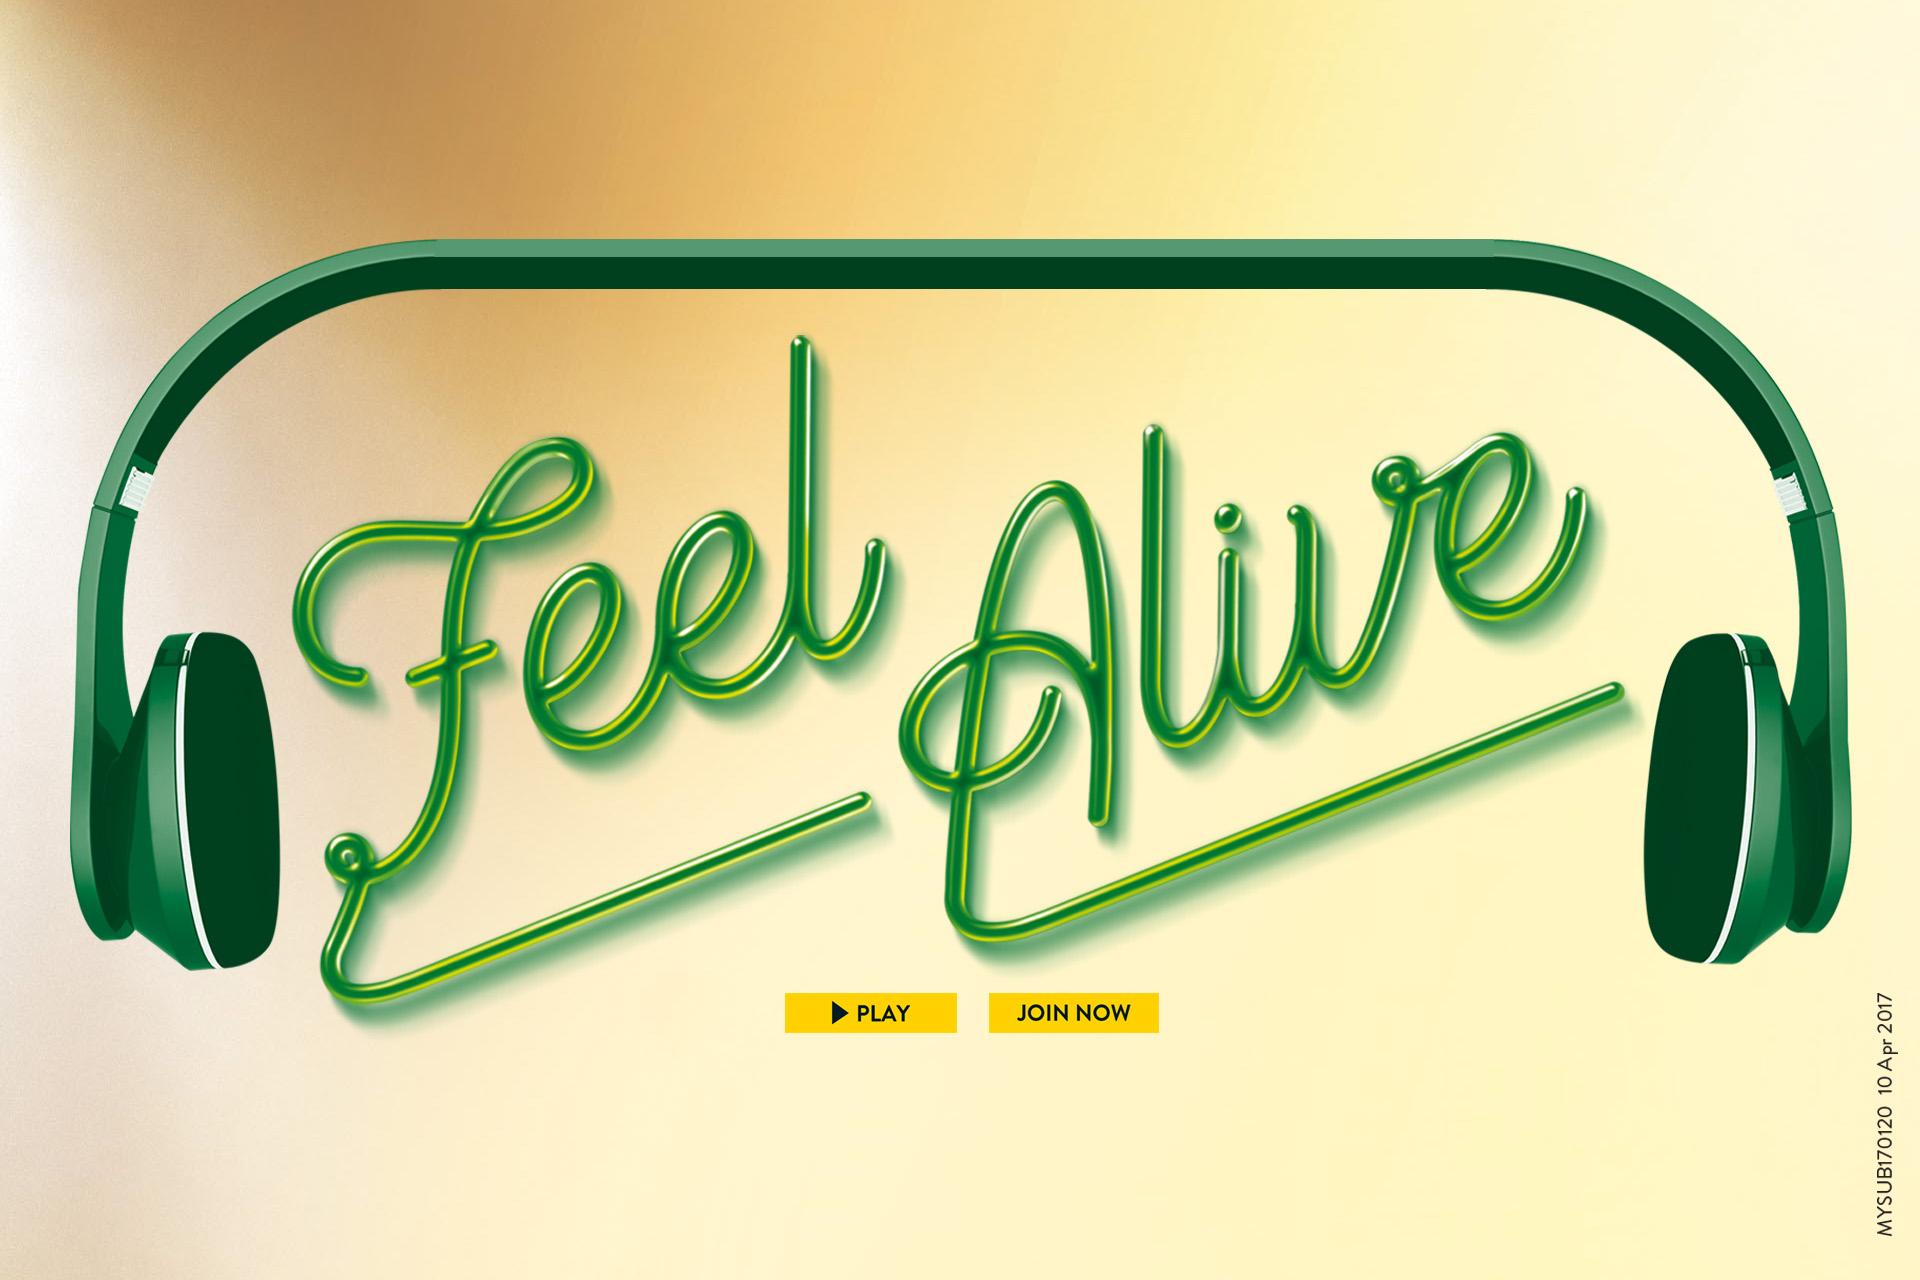 Surbex Zinc Feel Alive